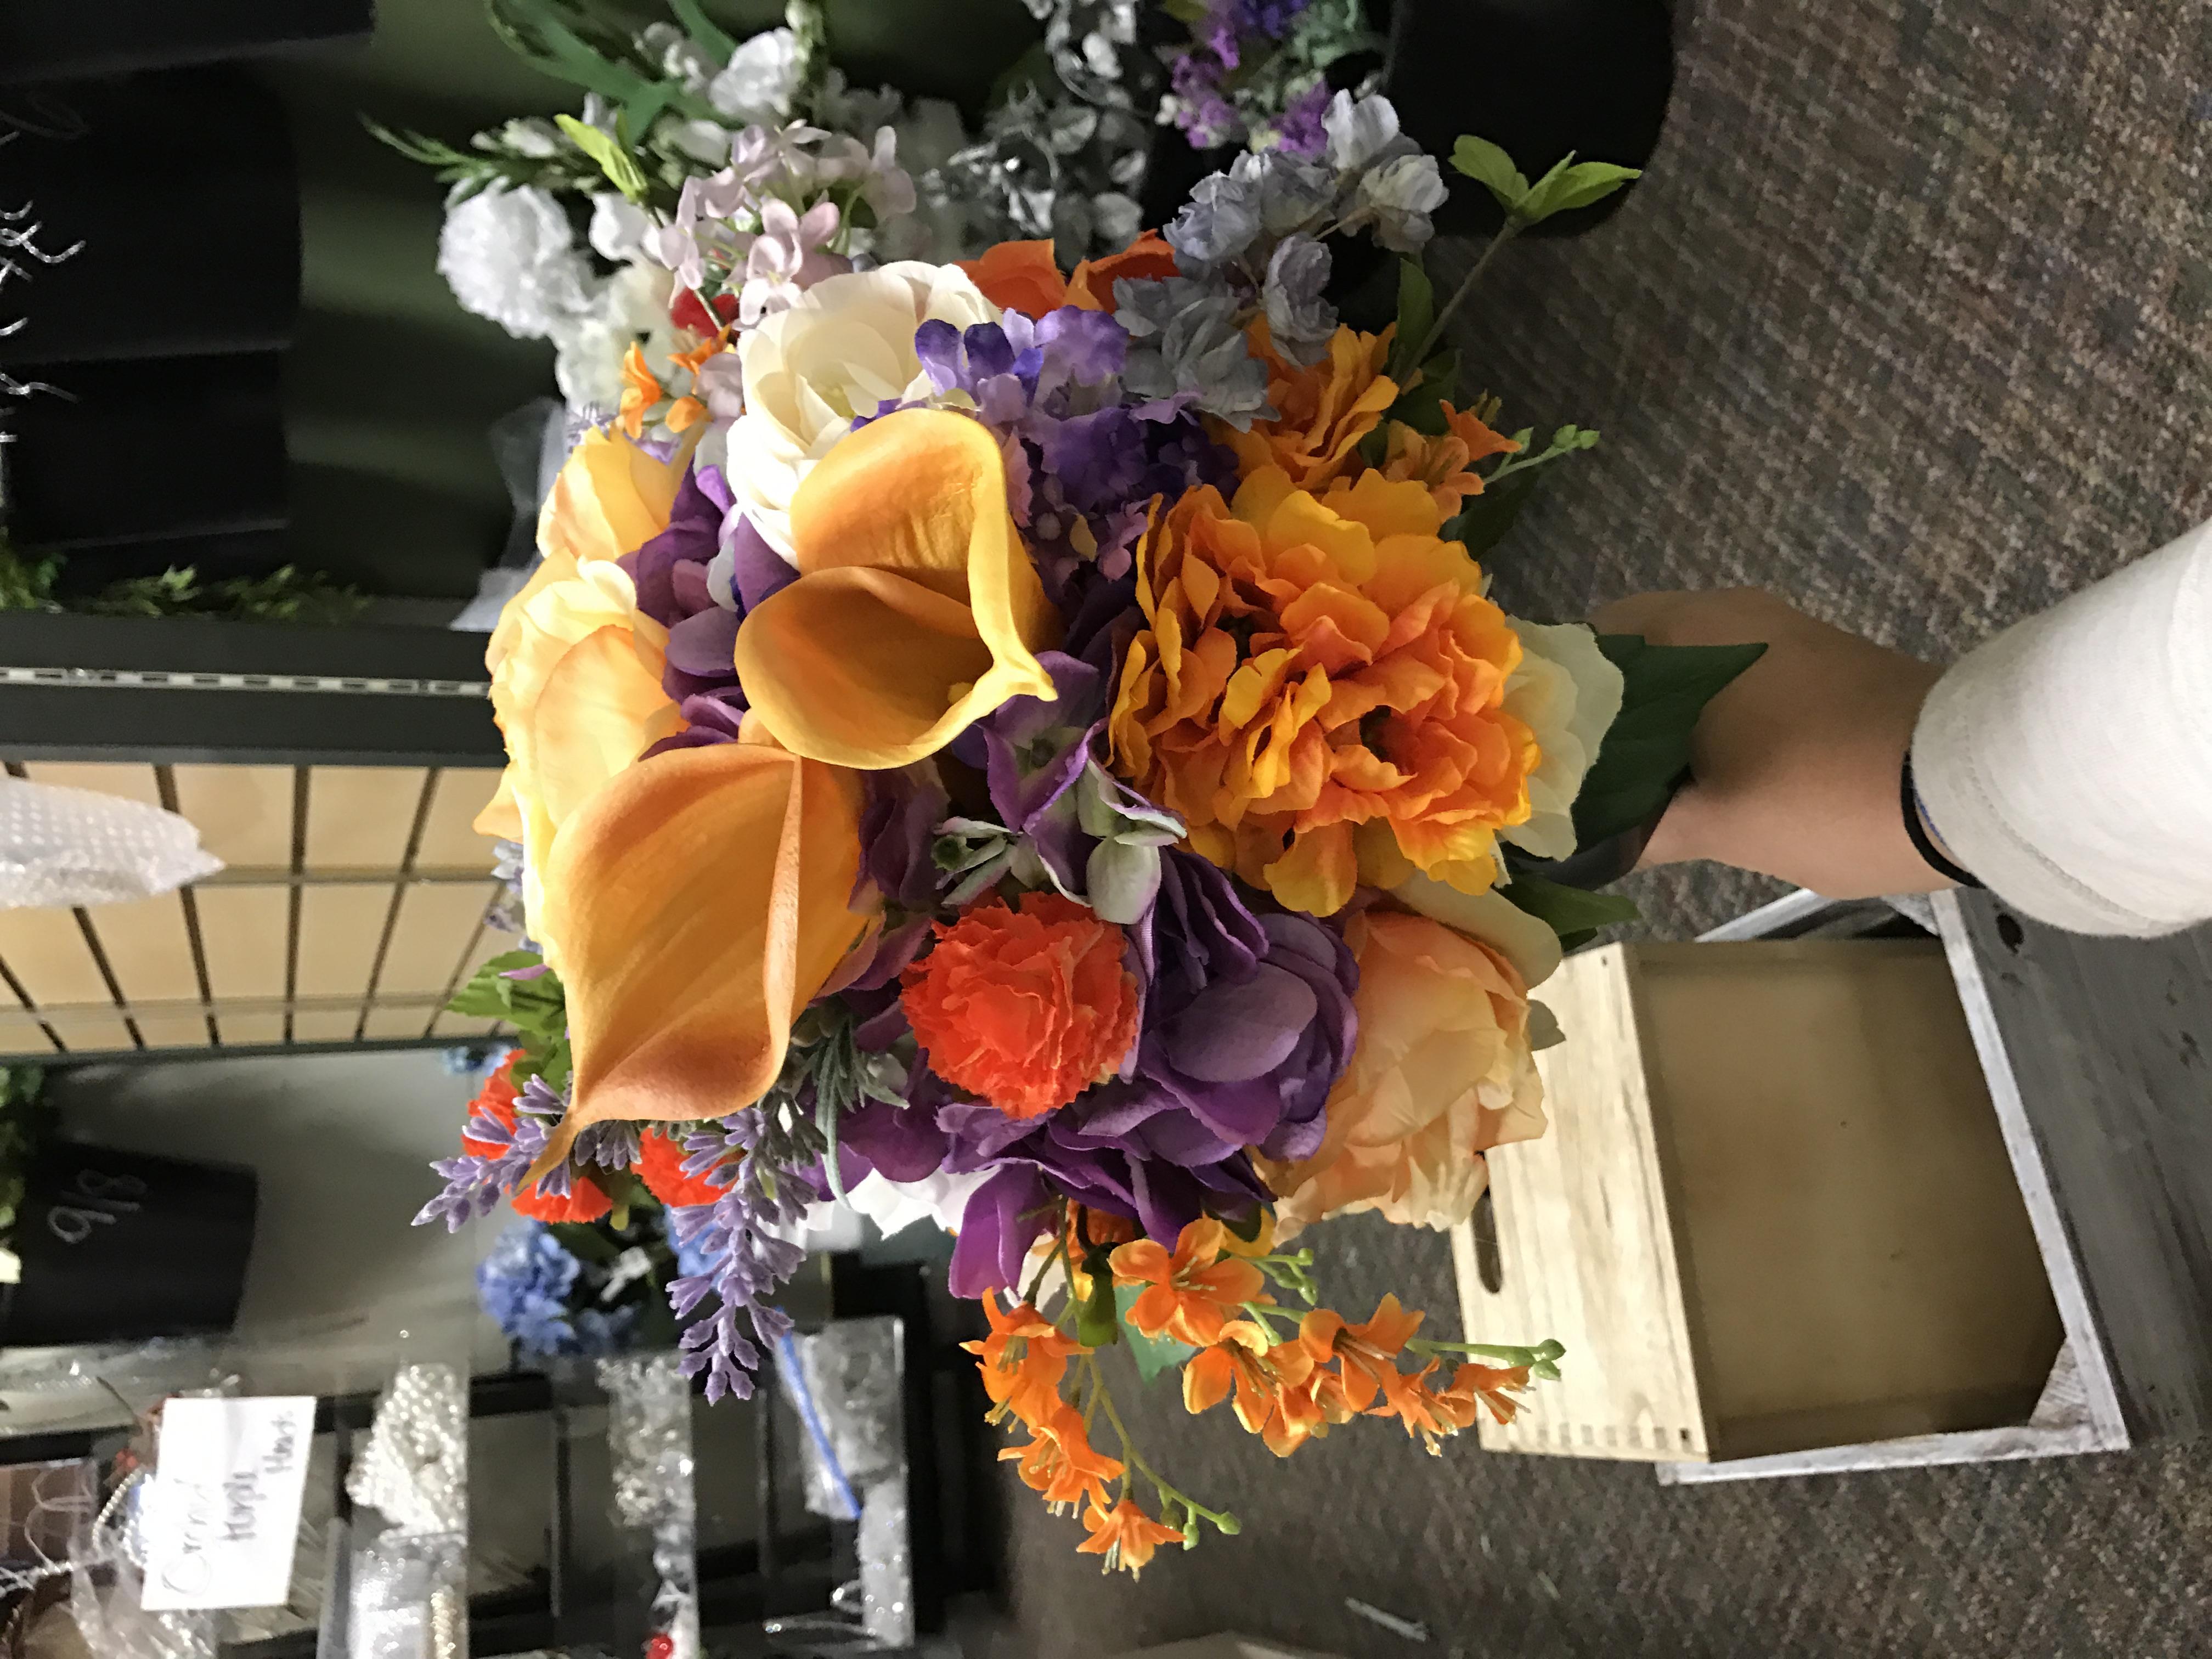 Meagan Moeder's toss bouquet